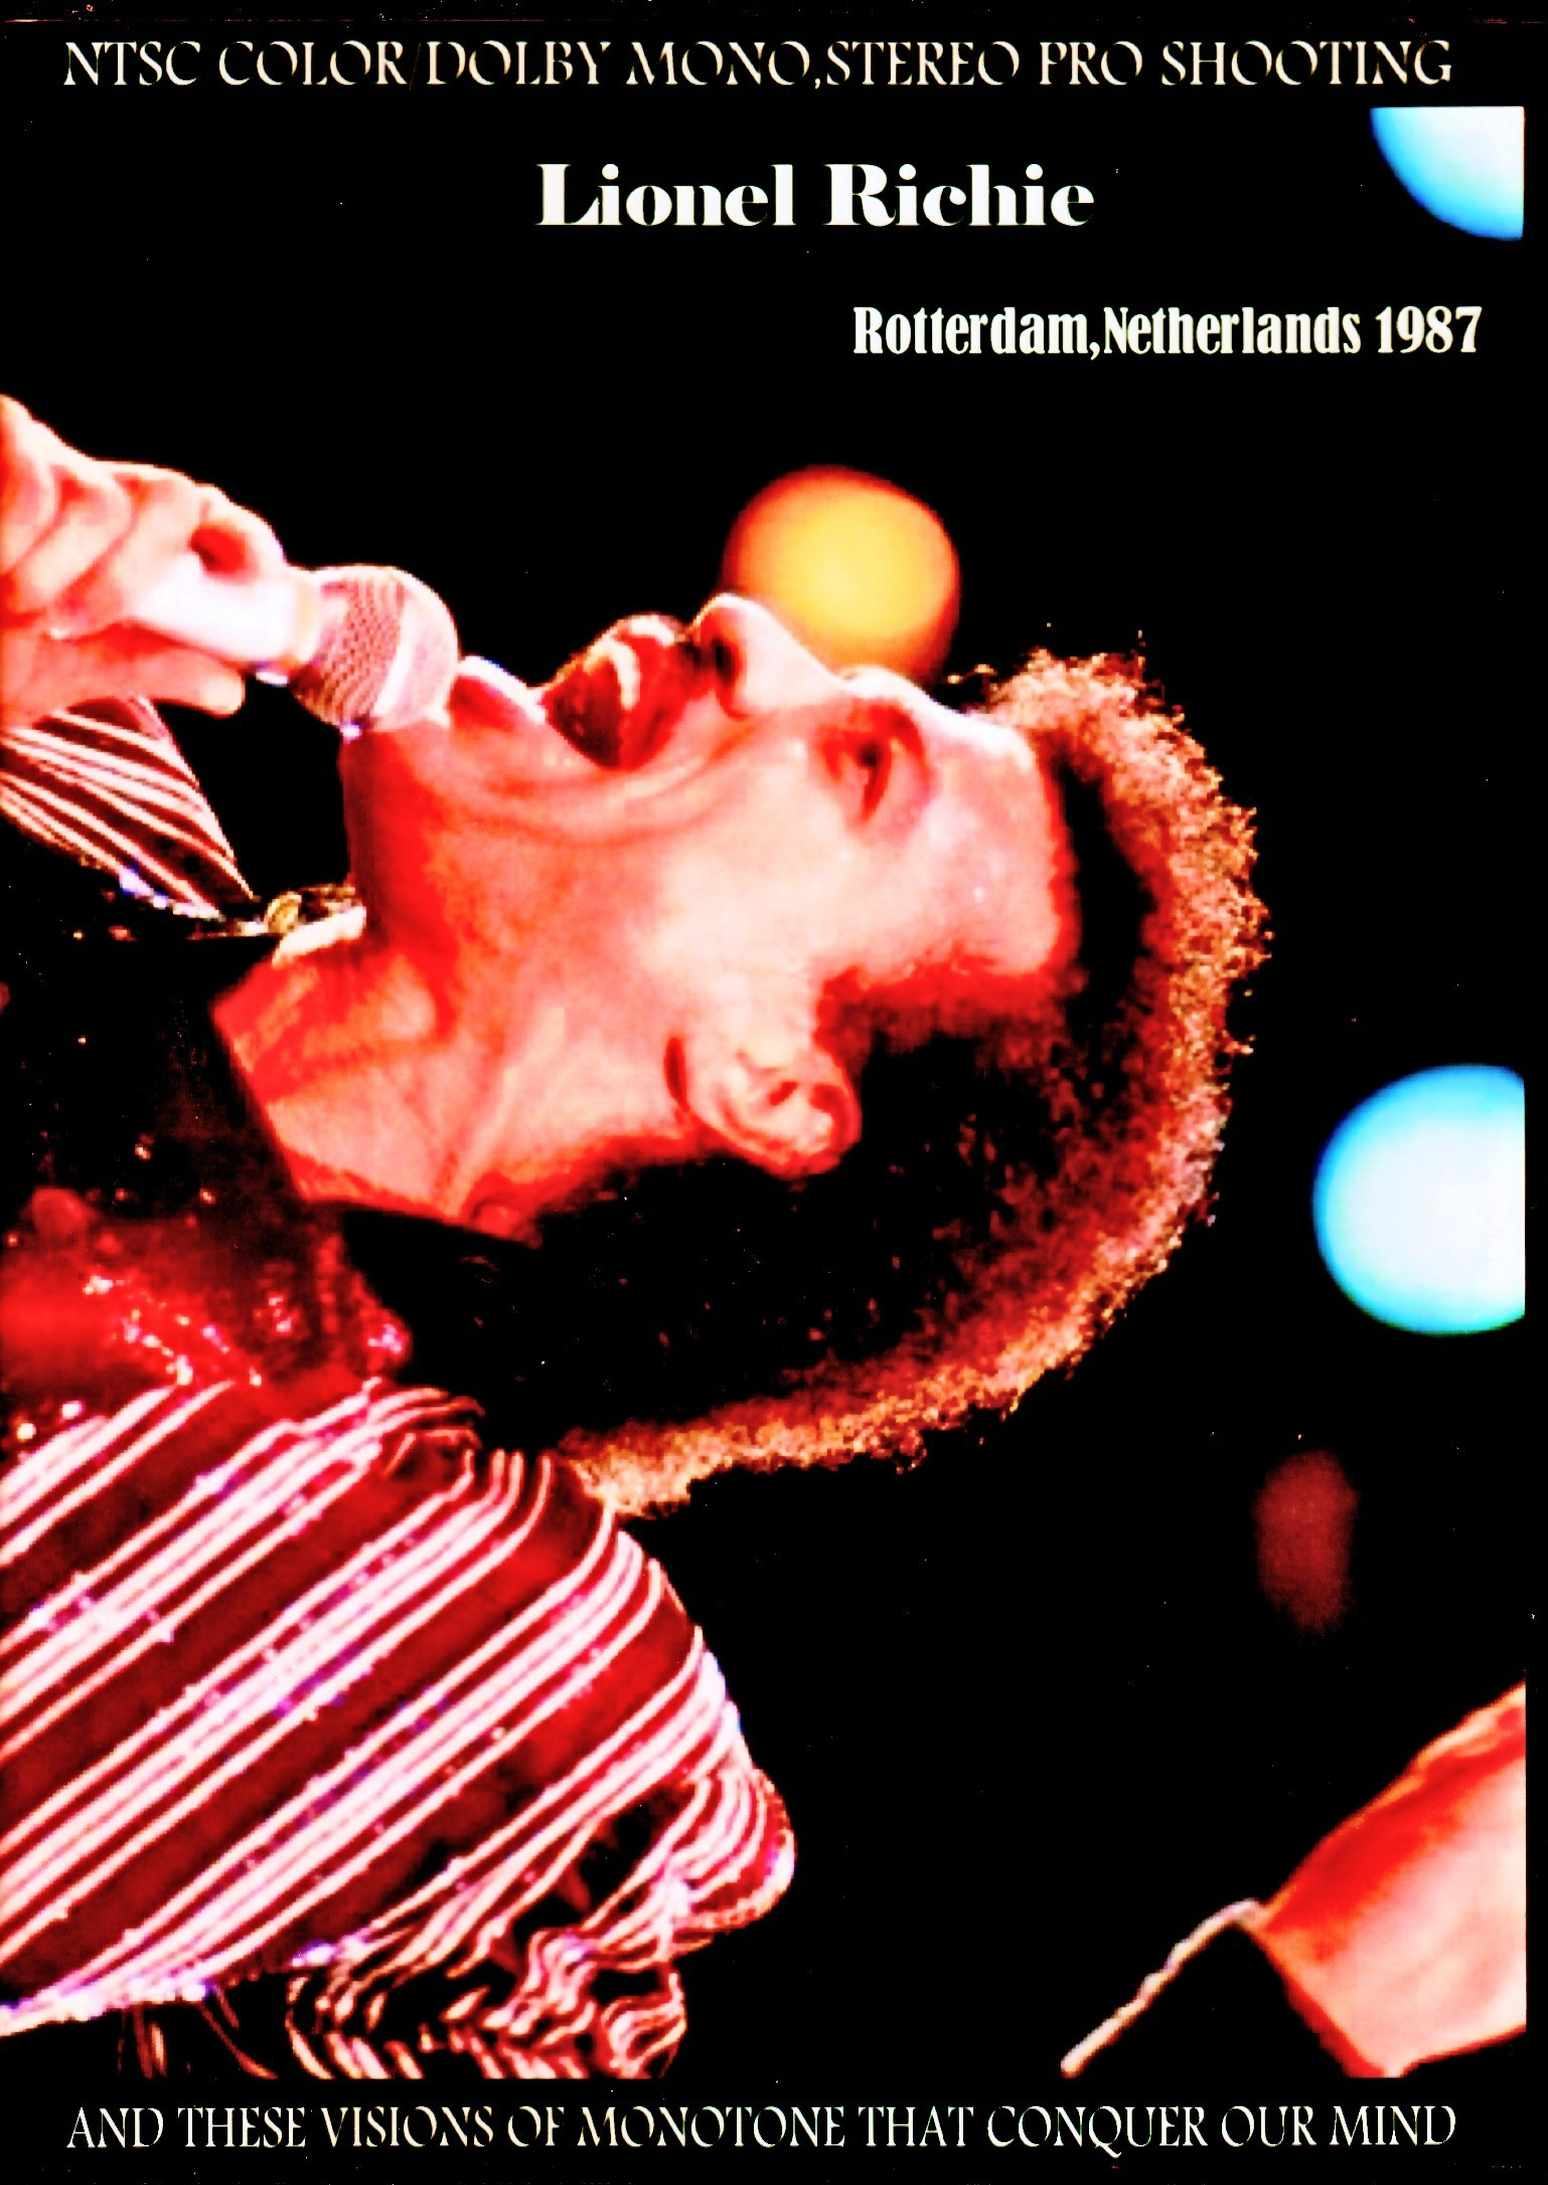 Lionel Richie ライオネル・リッチー/Netherlands 1987